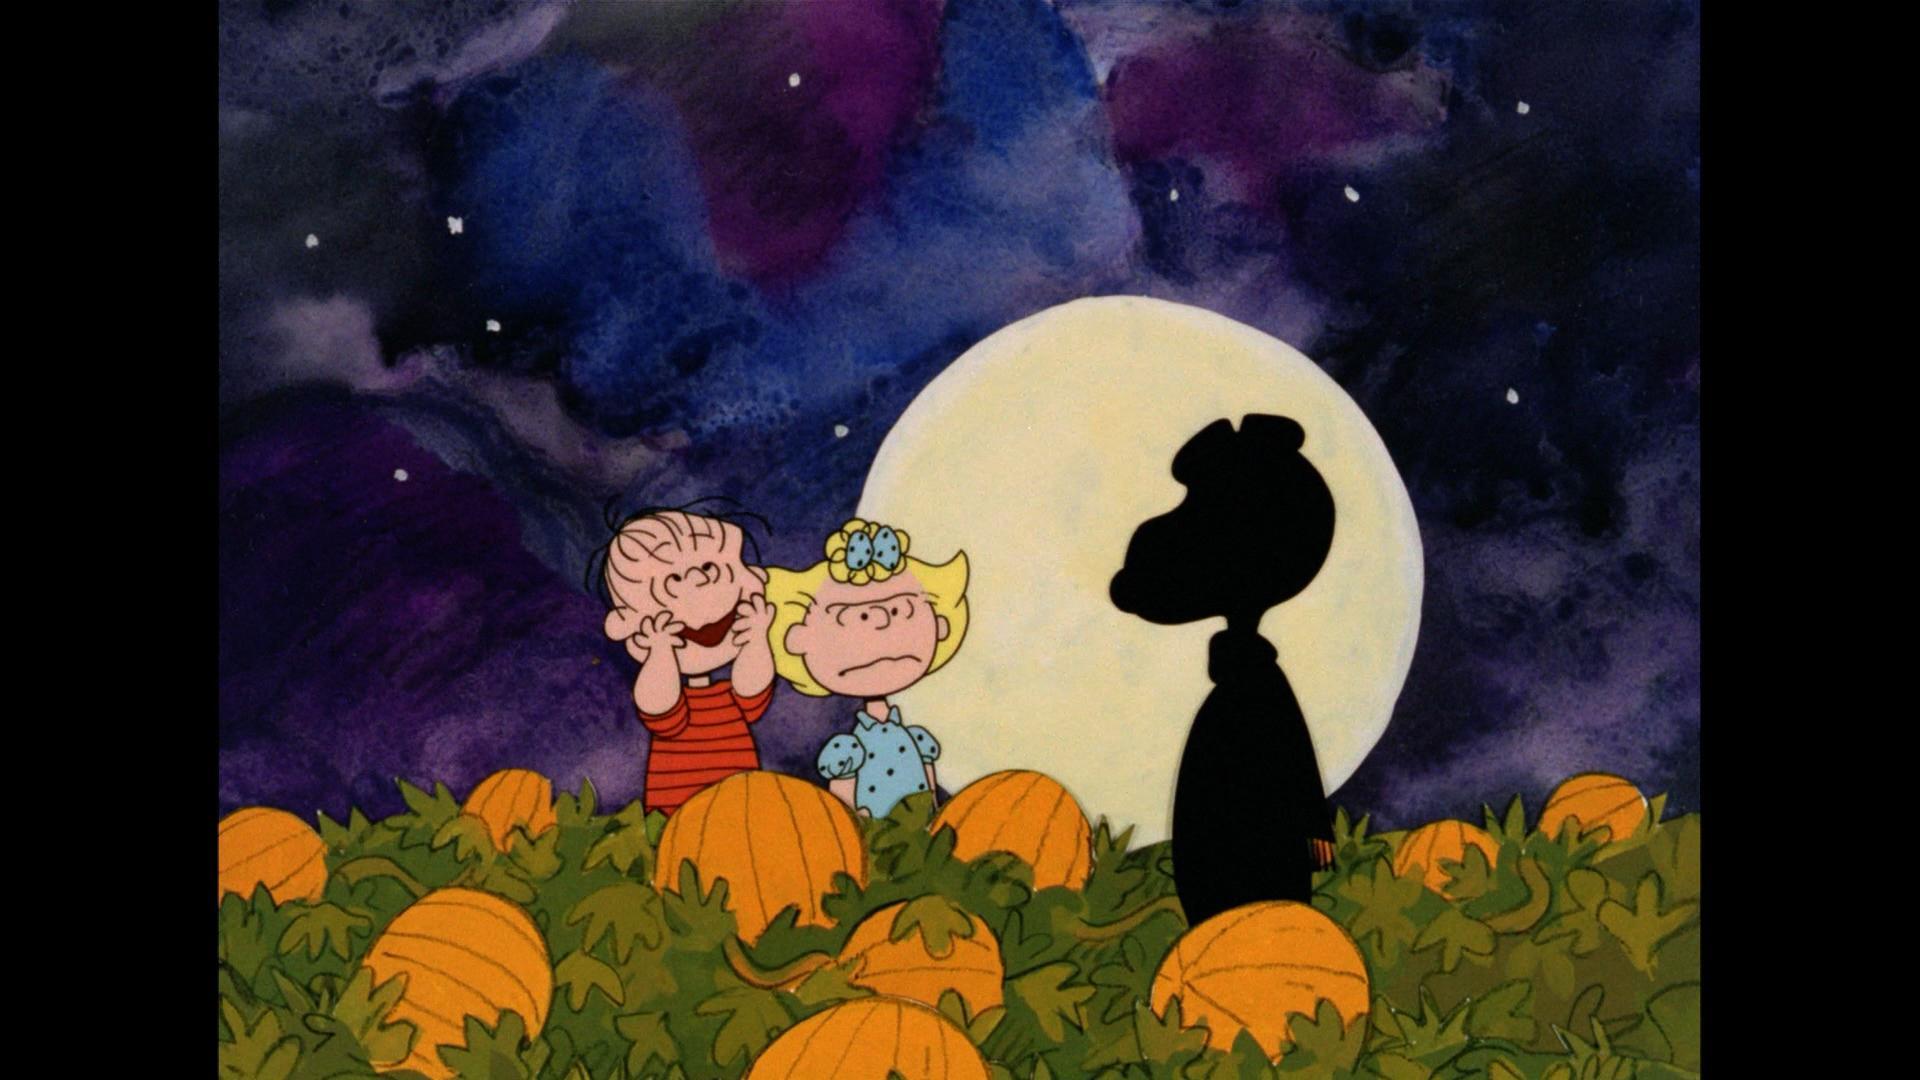 Great Pumpkin Charlie Brown Wallpapers.